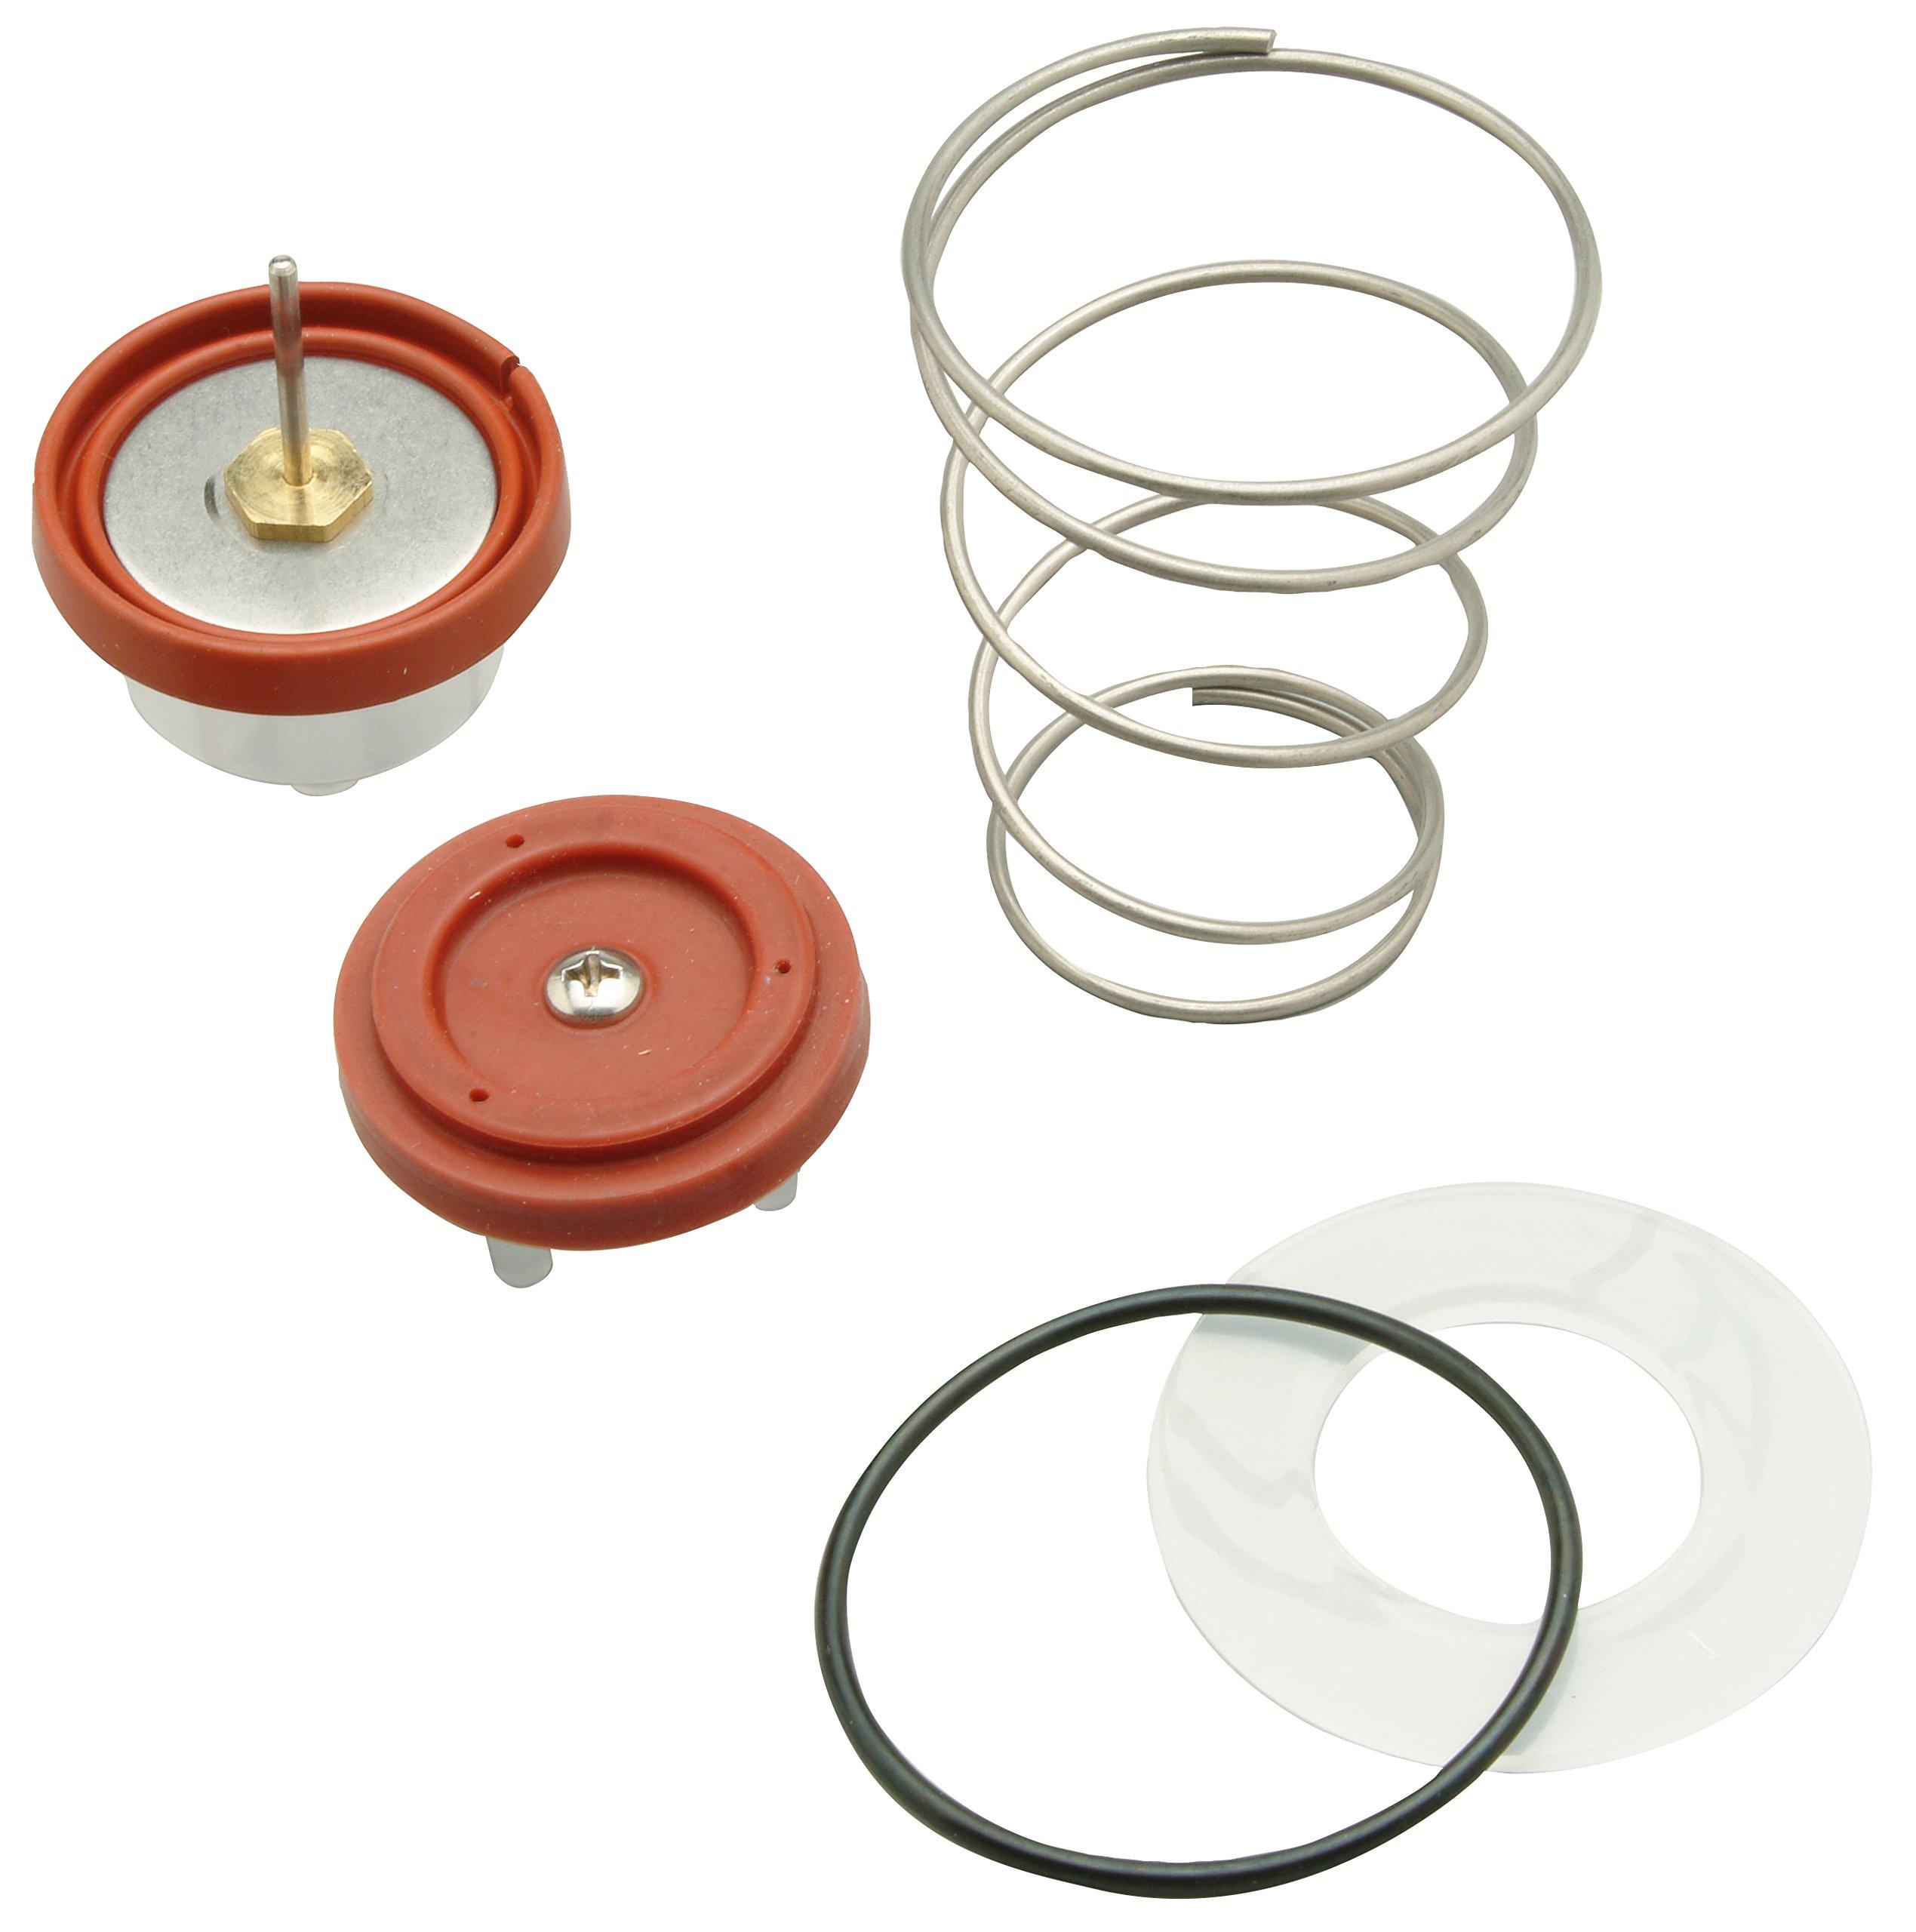 Wilkins RK2-720A Repair Kits